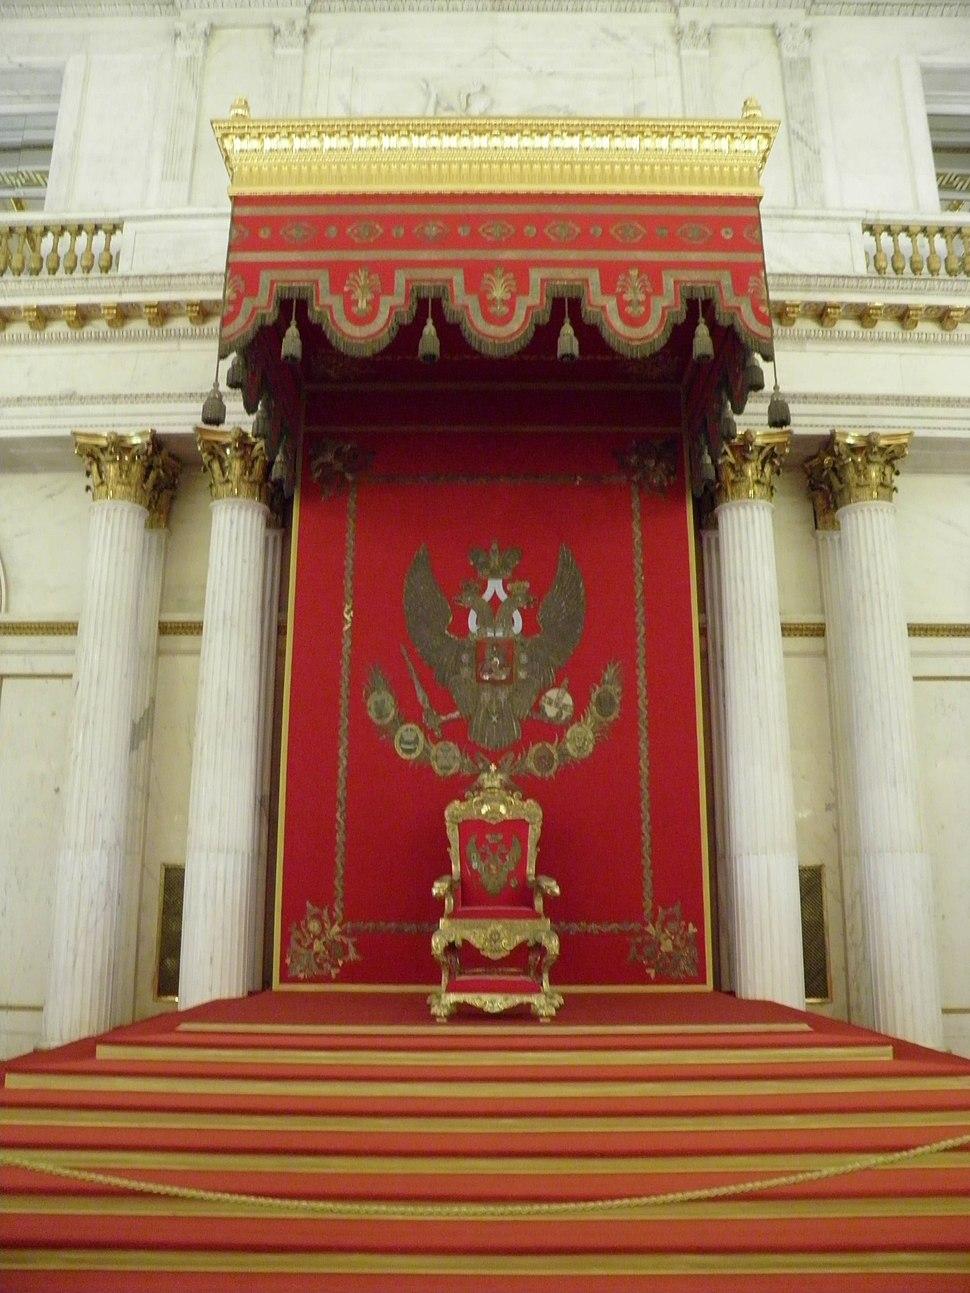 Musée de l'Ermitage - intérieur - hall Saint-Georges (3)